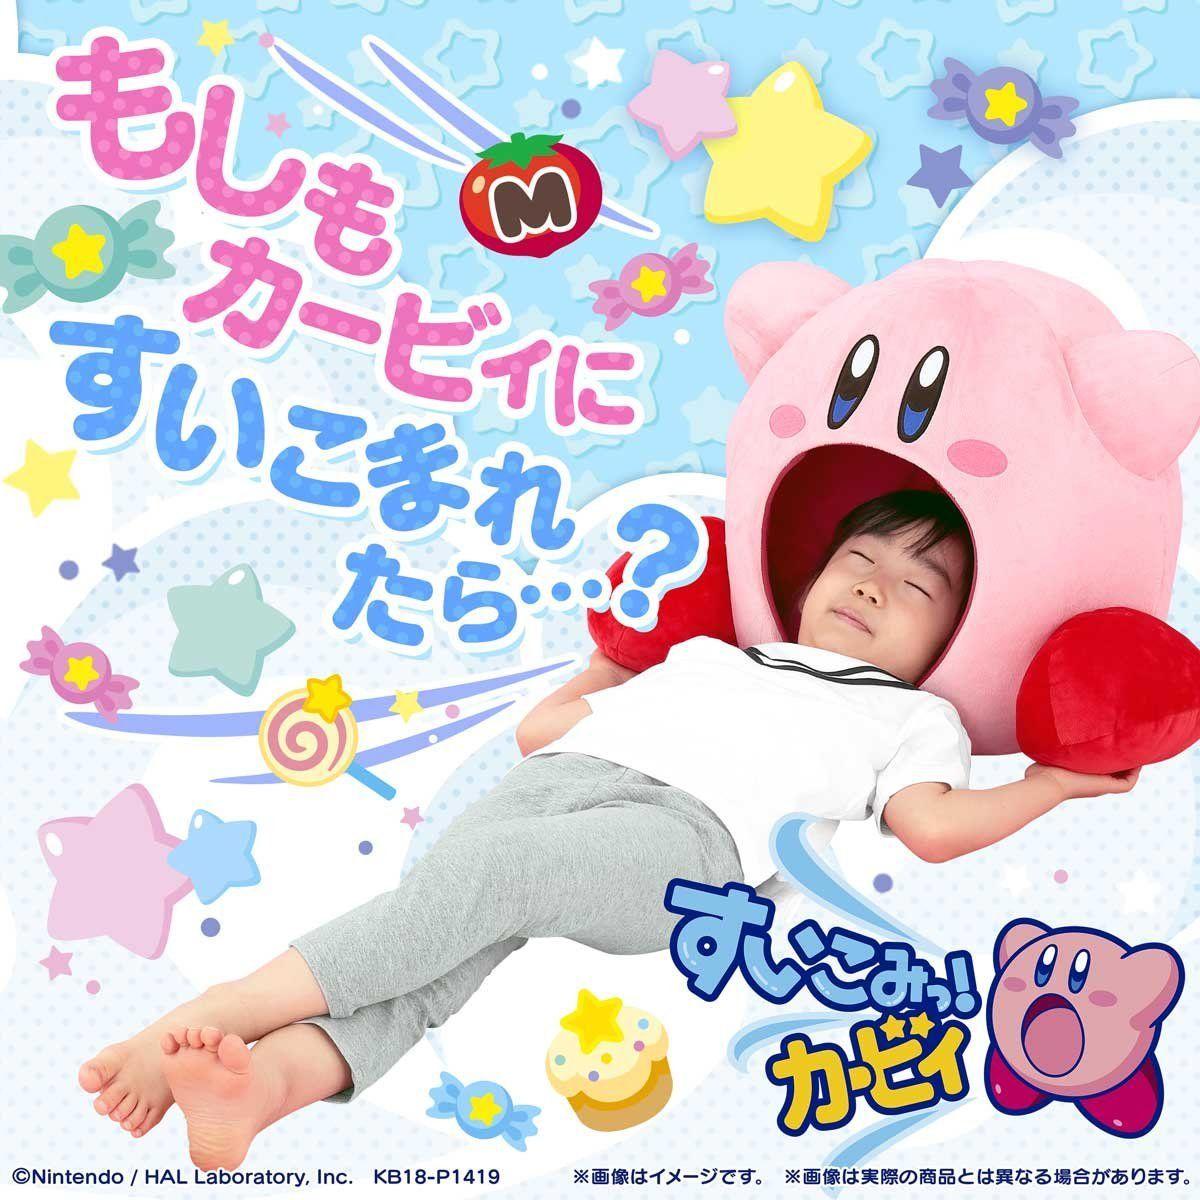 星のカービィ『すいこみっ!カービィ』ぬいぐるみ-001